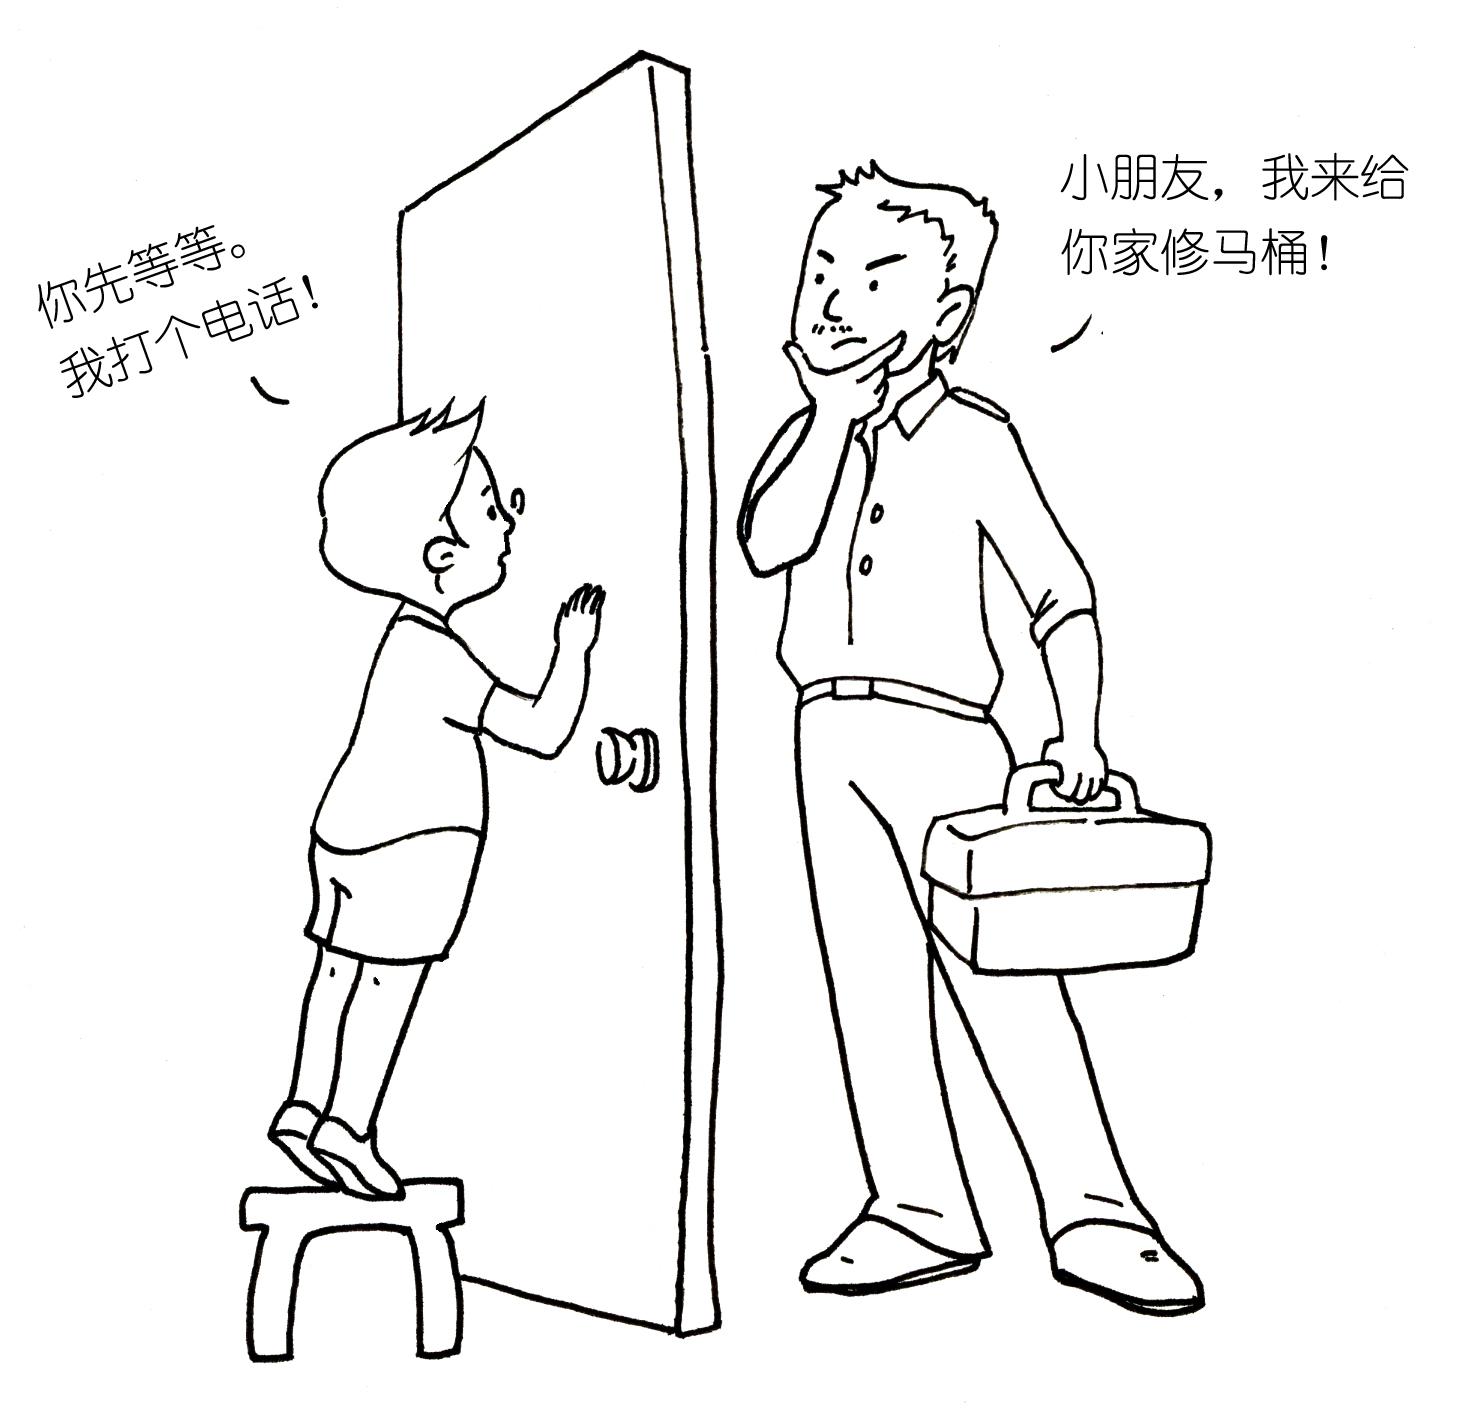 简笔画人物老师可爱全身